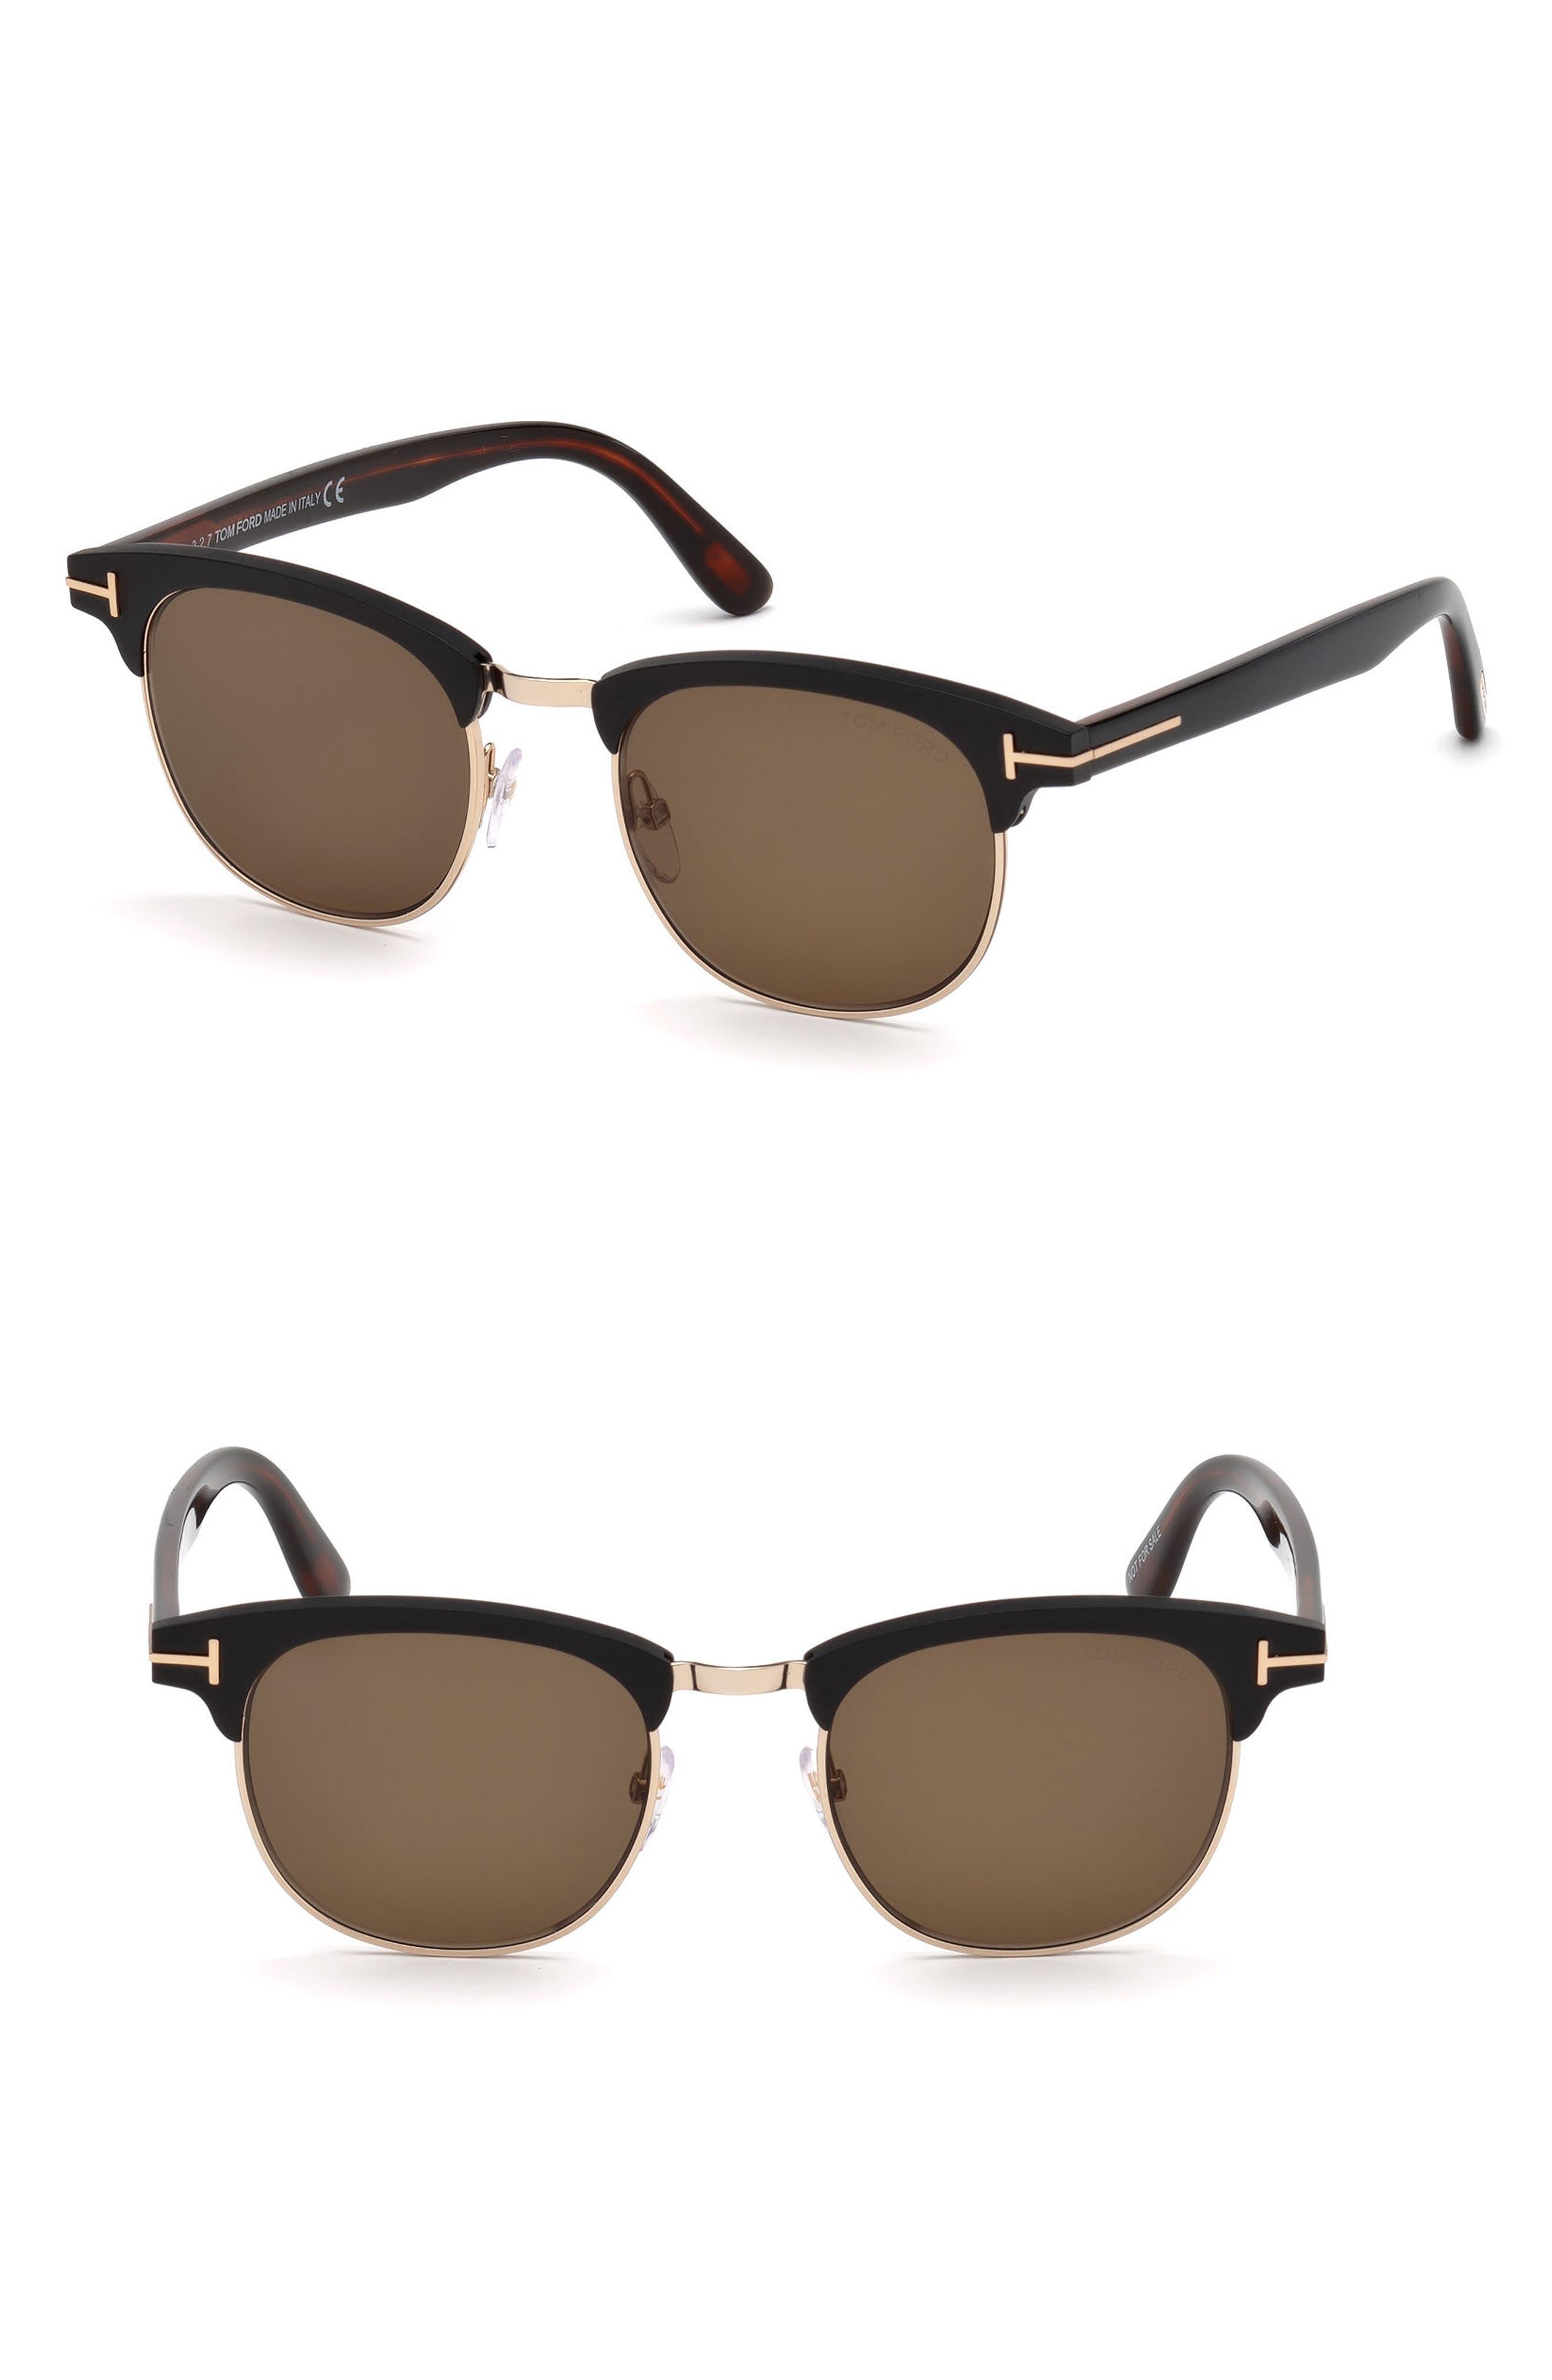 Laurent 51mm Sunglasses,                             Main thumbnail 1, color,                             MATTE BLACK / ROVIEX